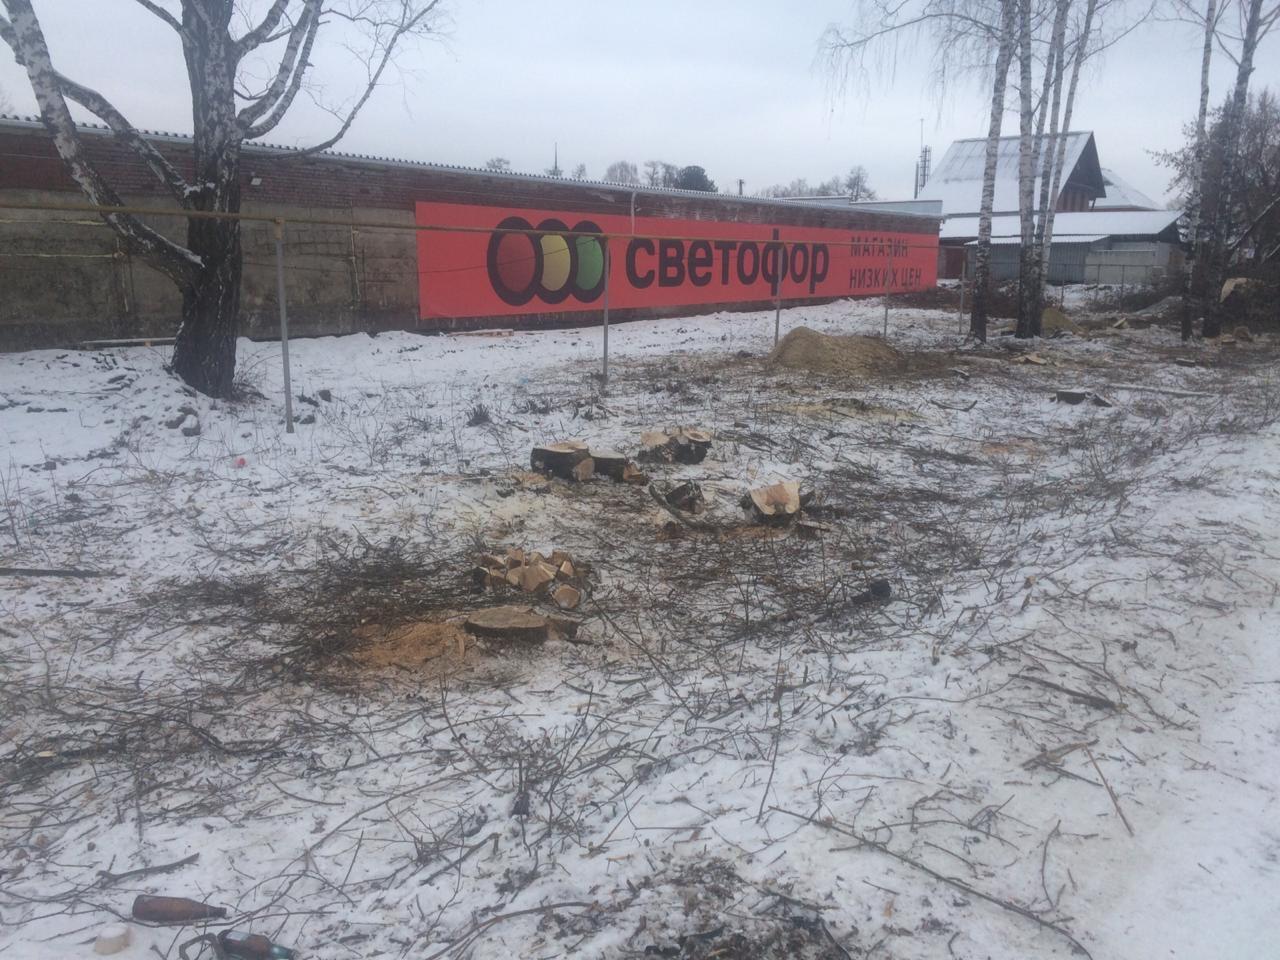 На окраине Екатеринбурга неизвестные вырубили защитную полосу вдоль дороги (ФОТО)